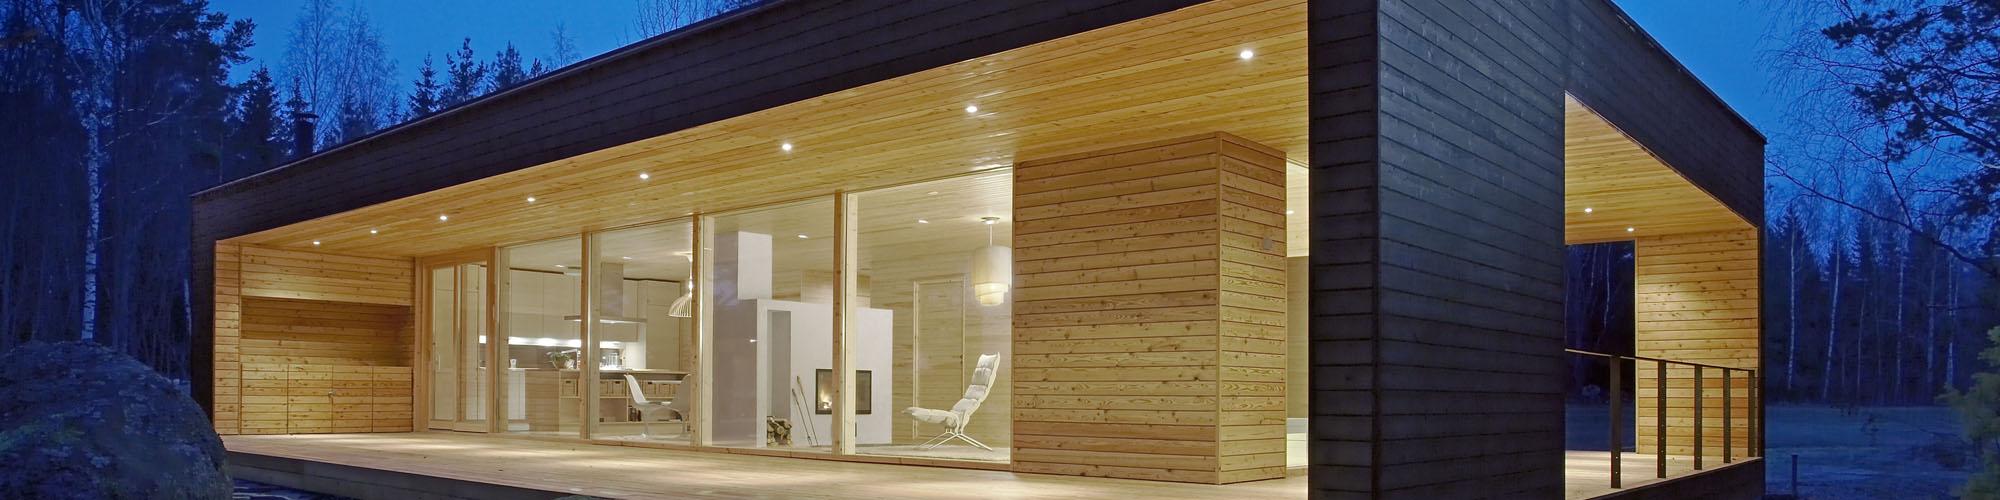 Maison en bois massif empilé